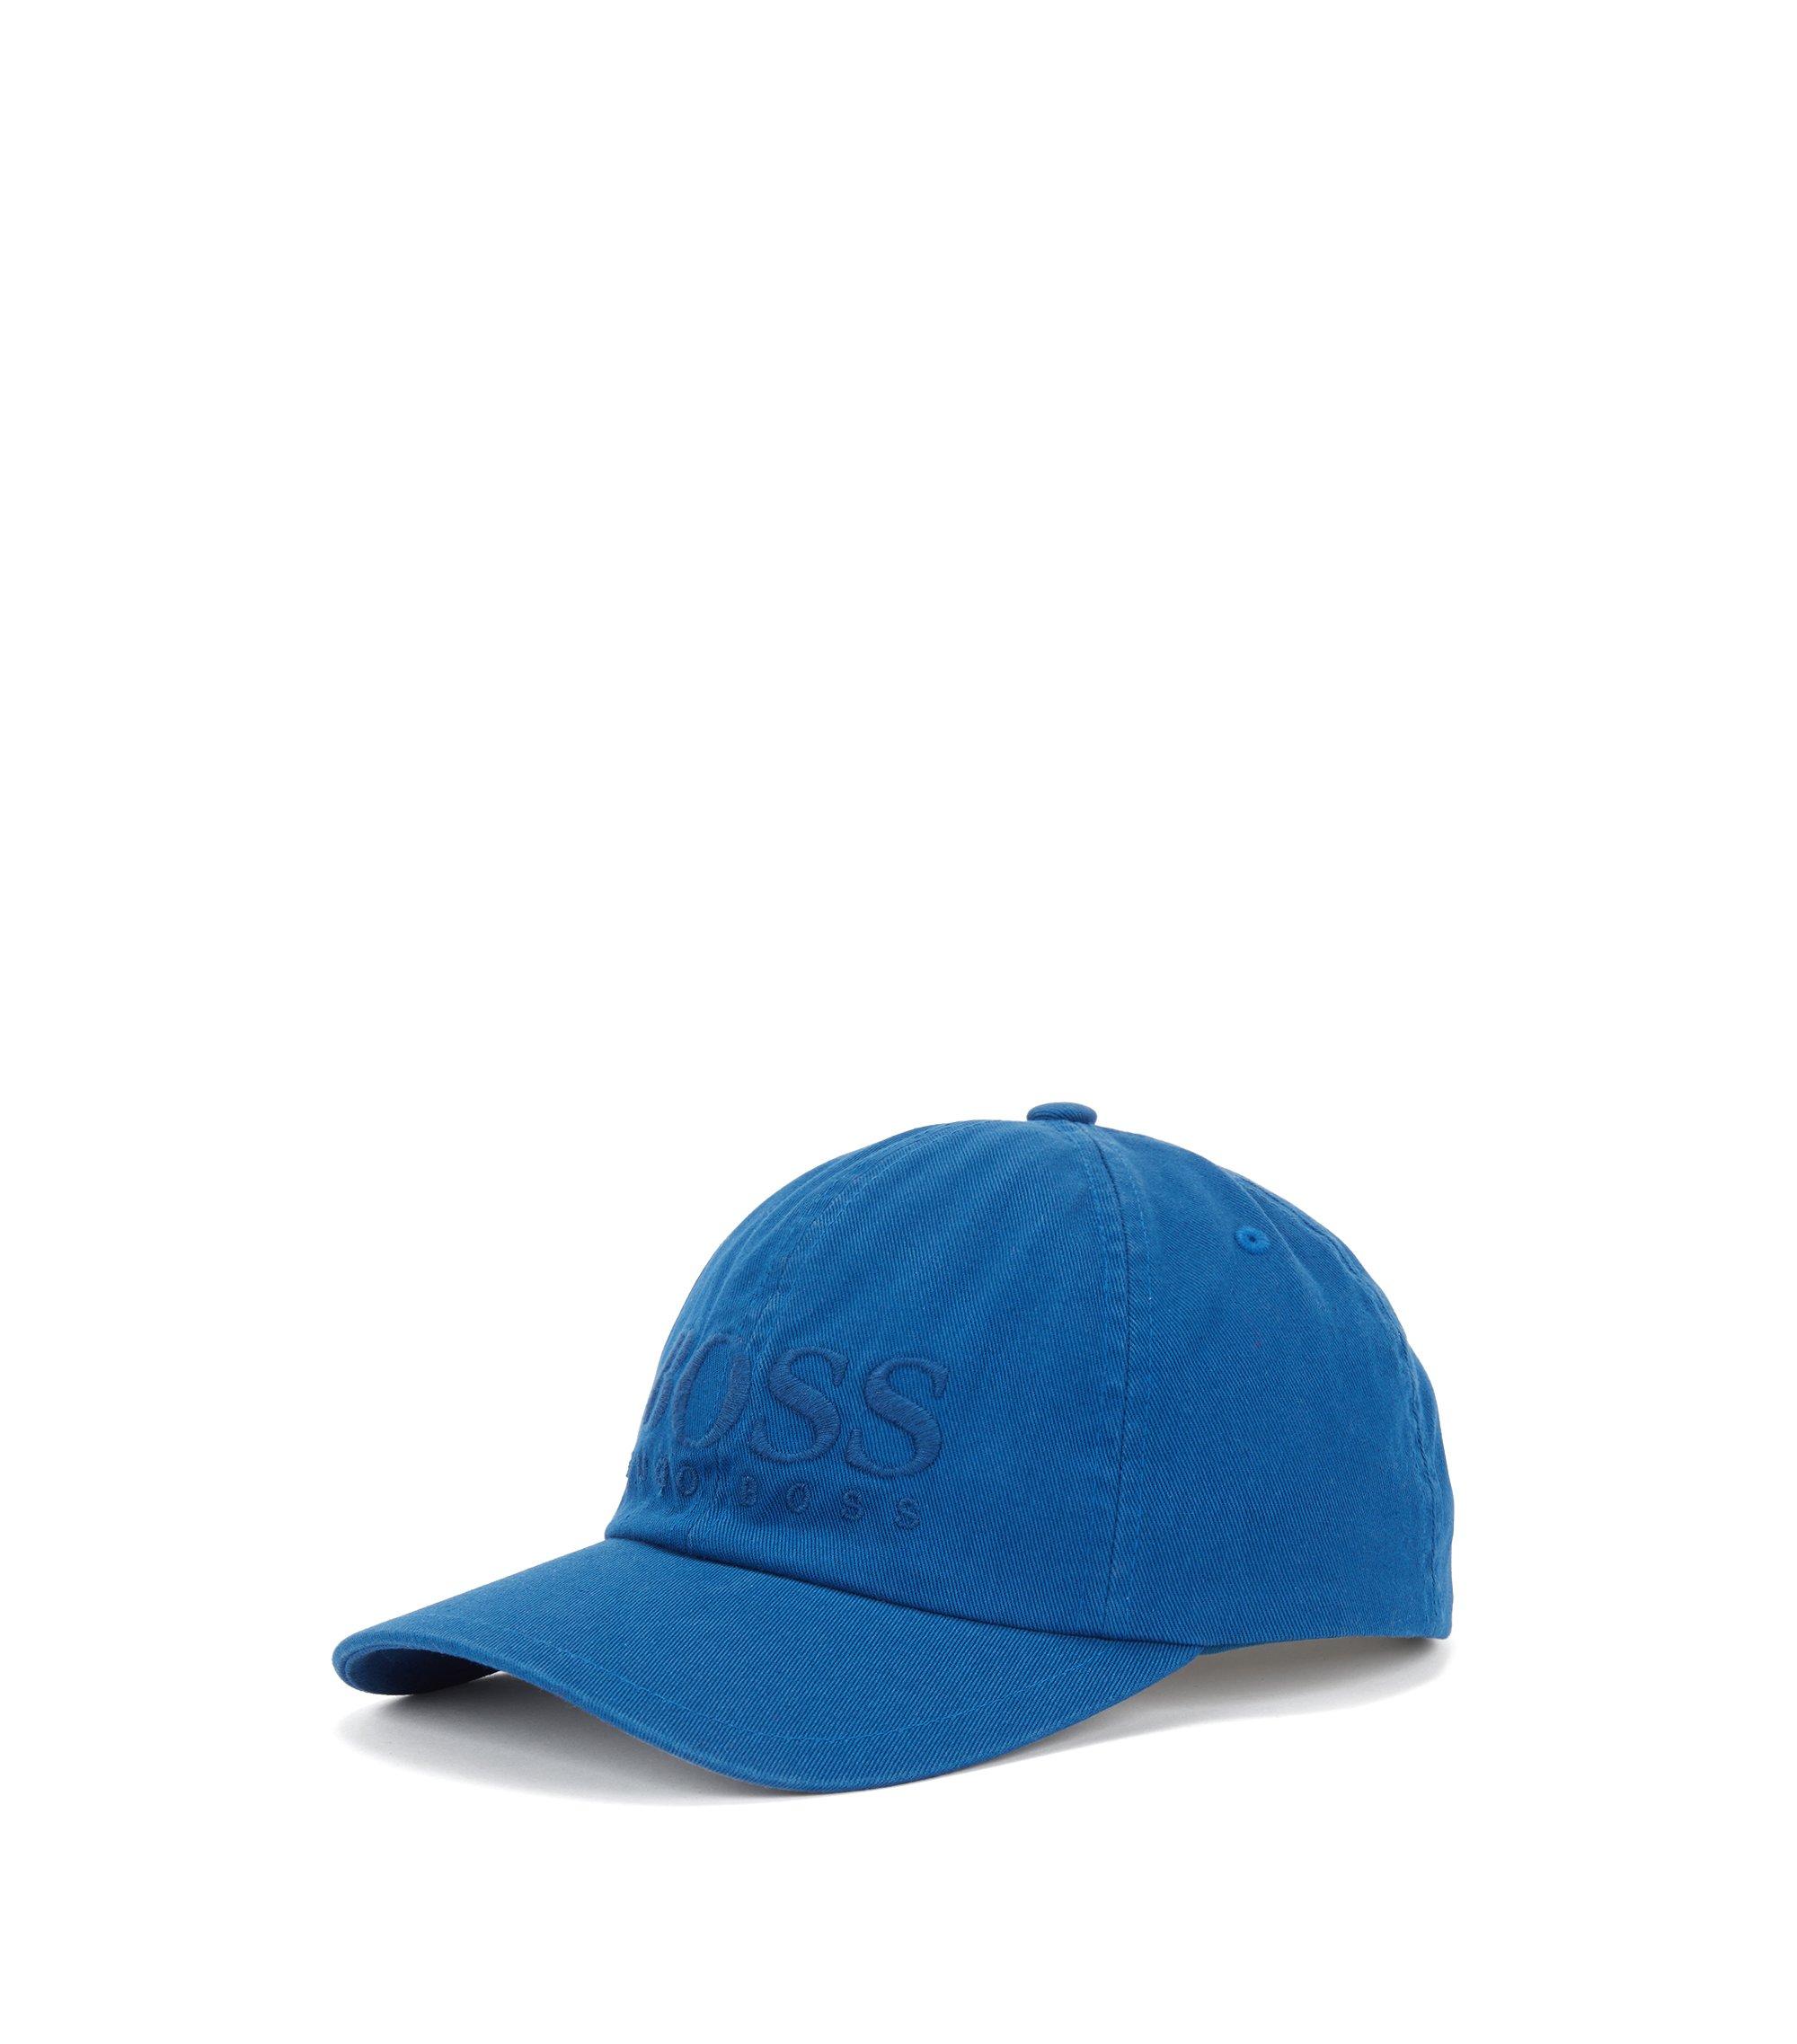 Casquette de base-ball en sergé de coton avec logo, Bleu